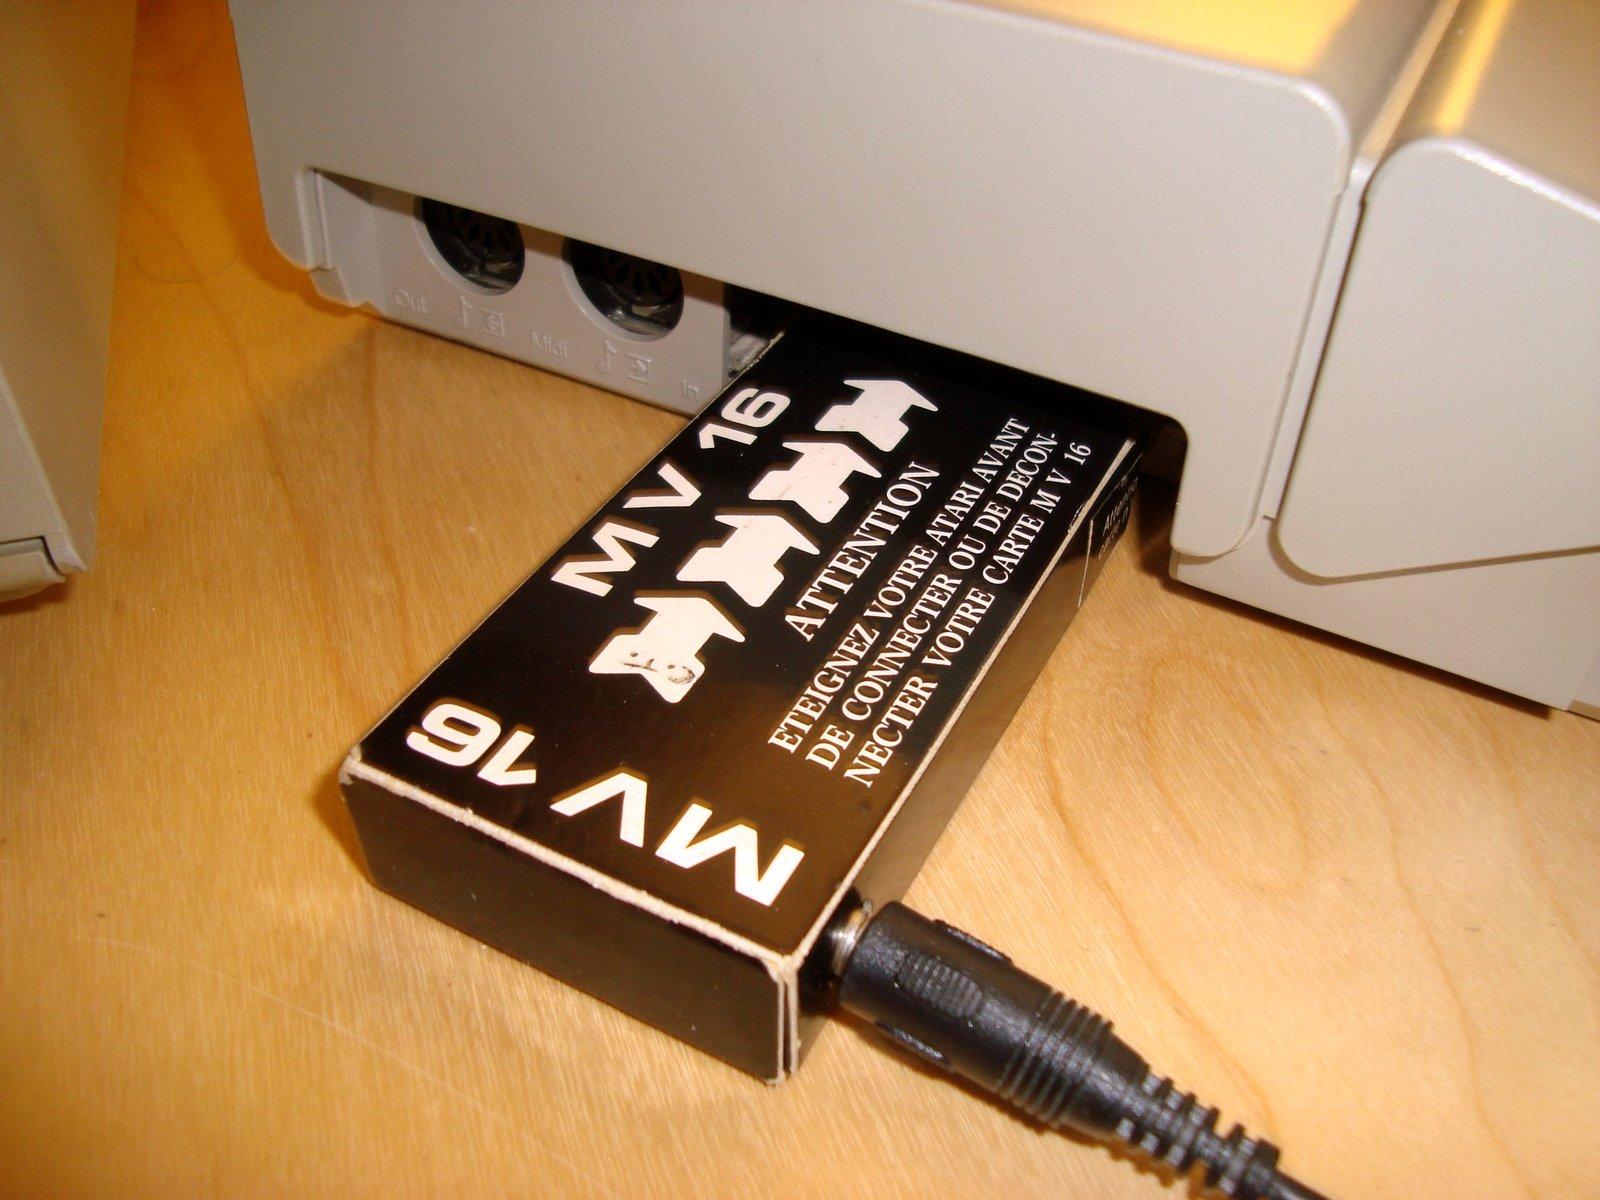 [TEST] B.A.T. - Atari ST 201215090730879090